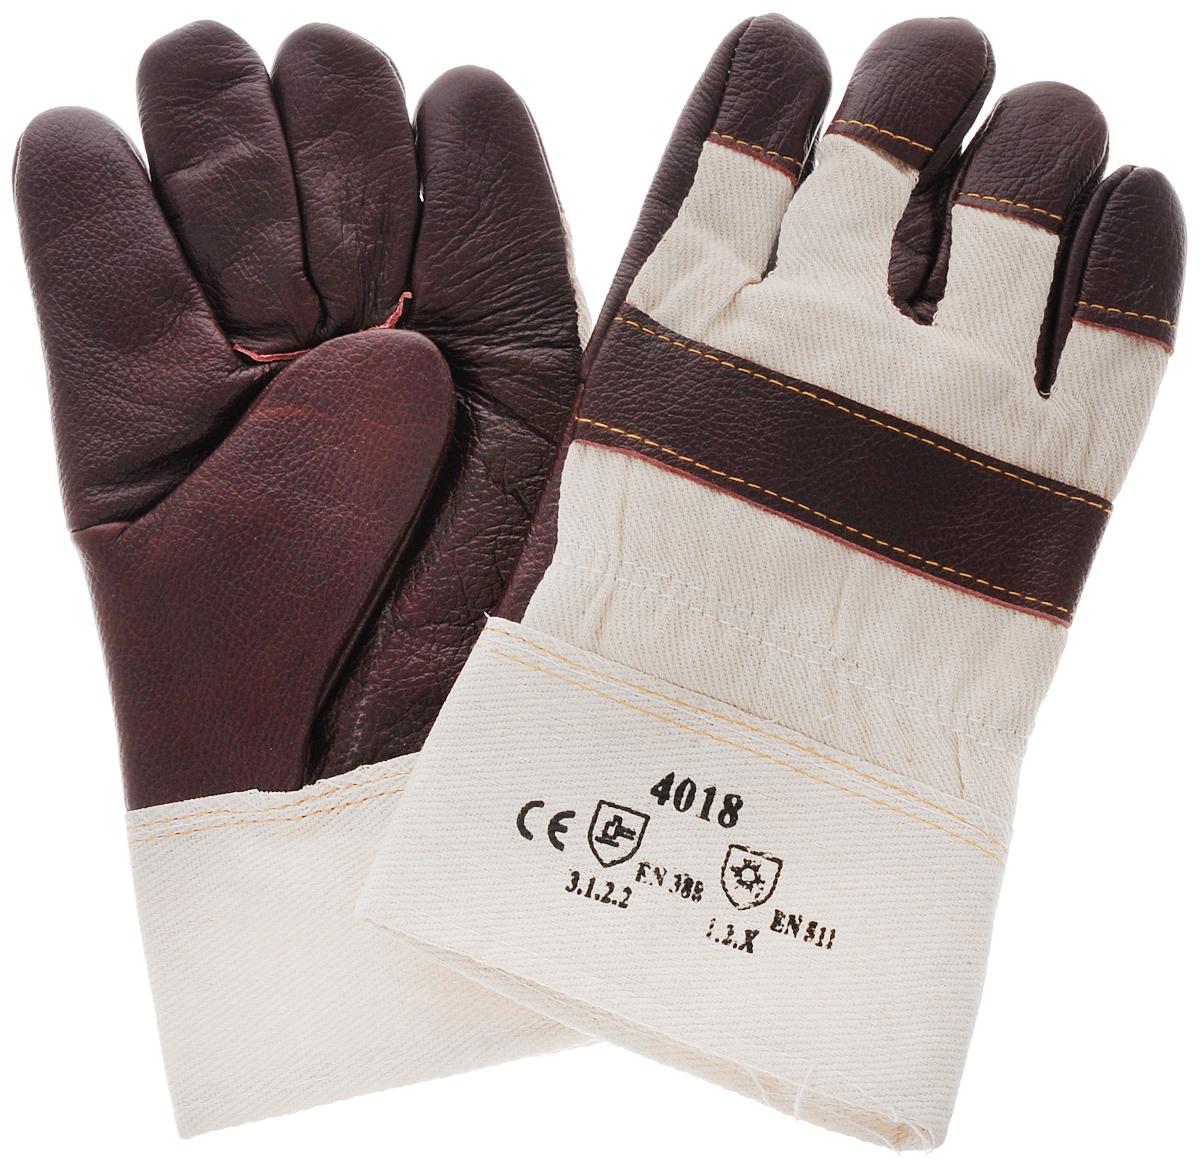 """Перчатки защитные """"Рос"""", кожаные, цвет: бежевый, бордовый"""